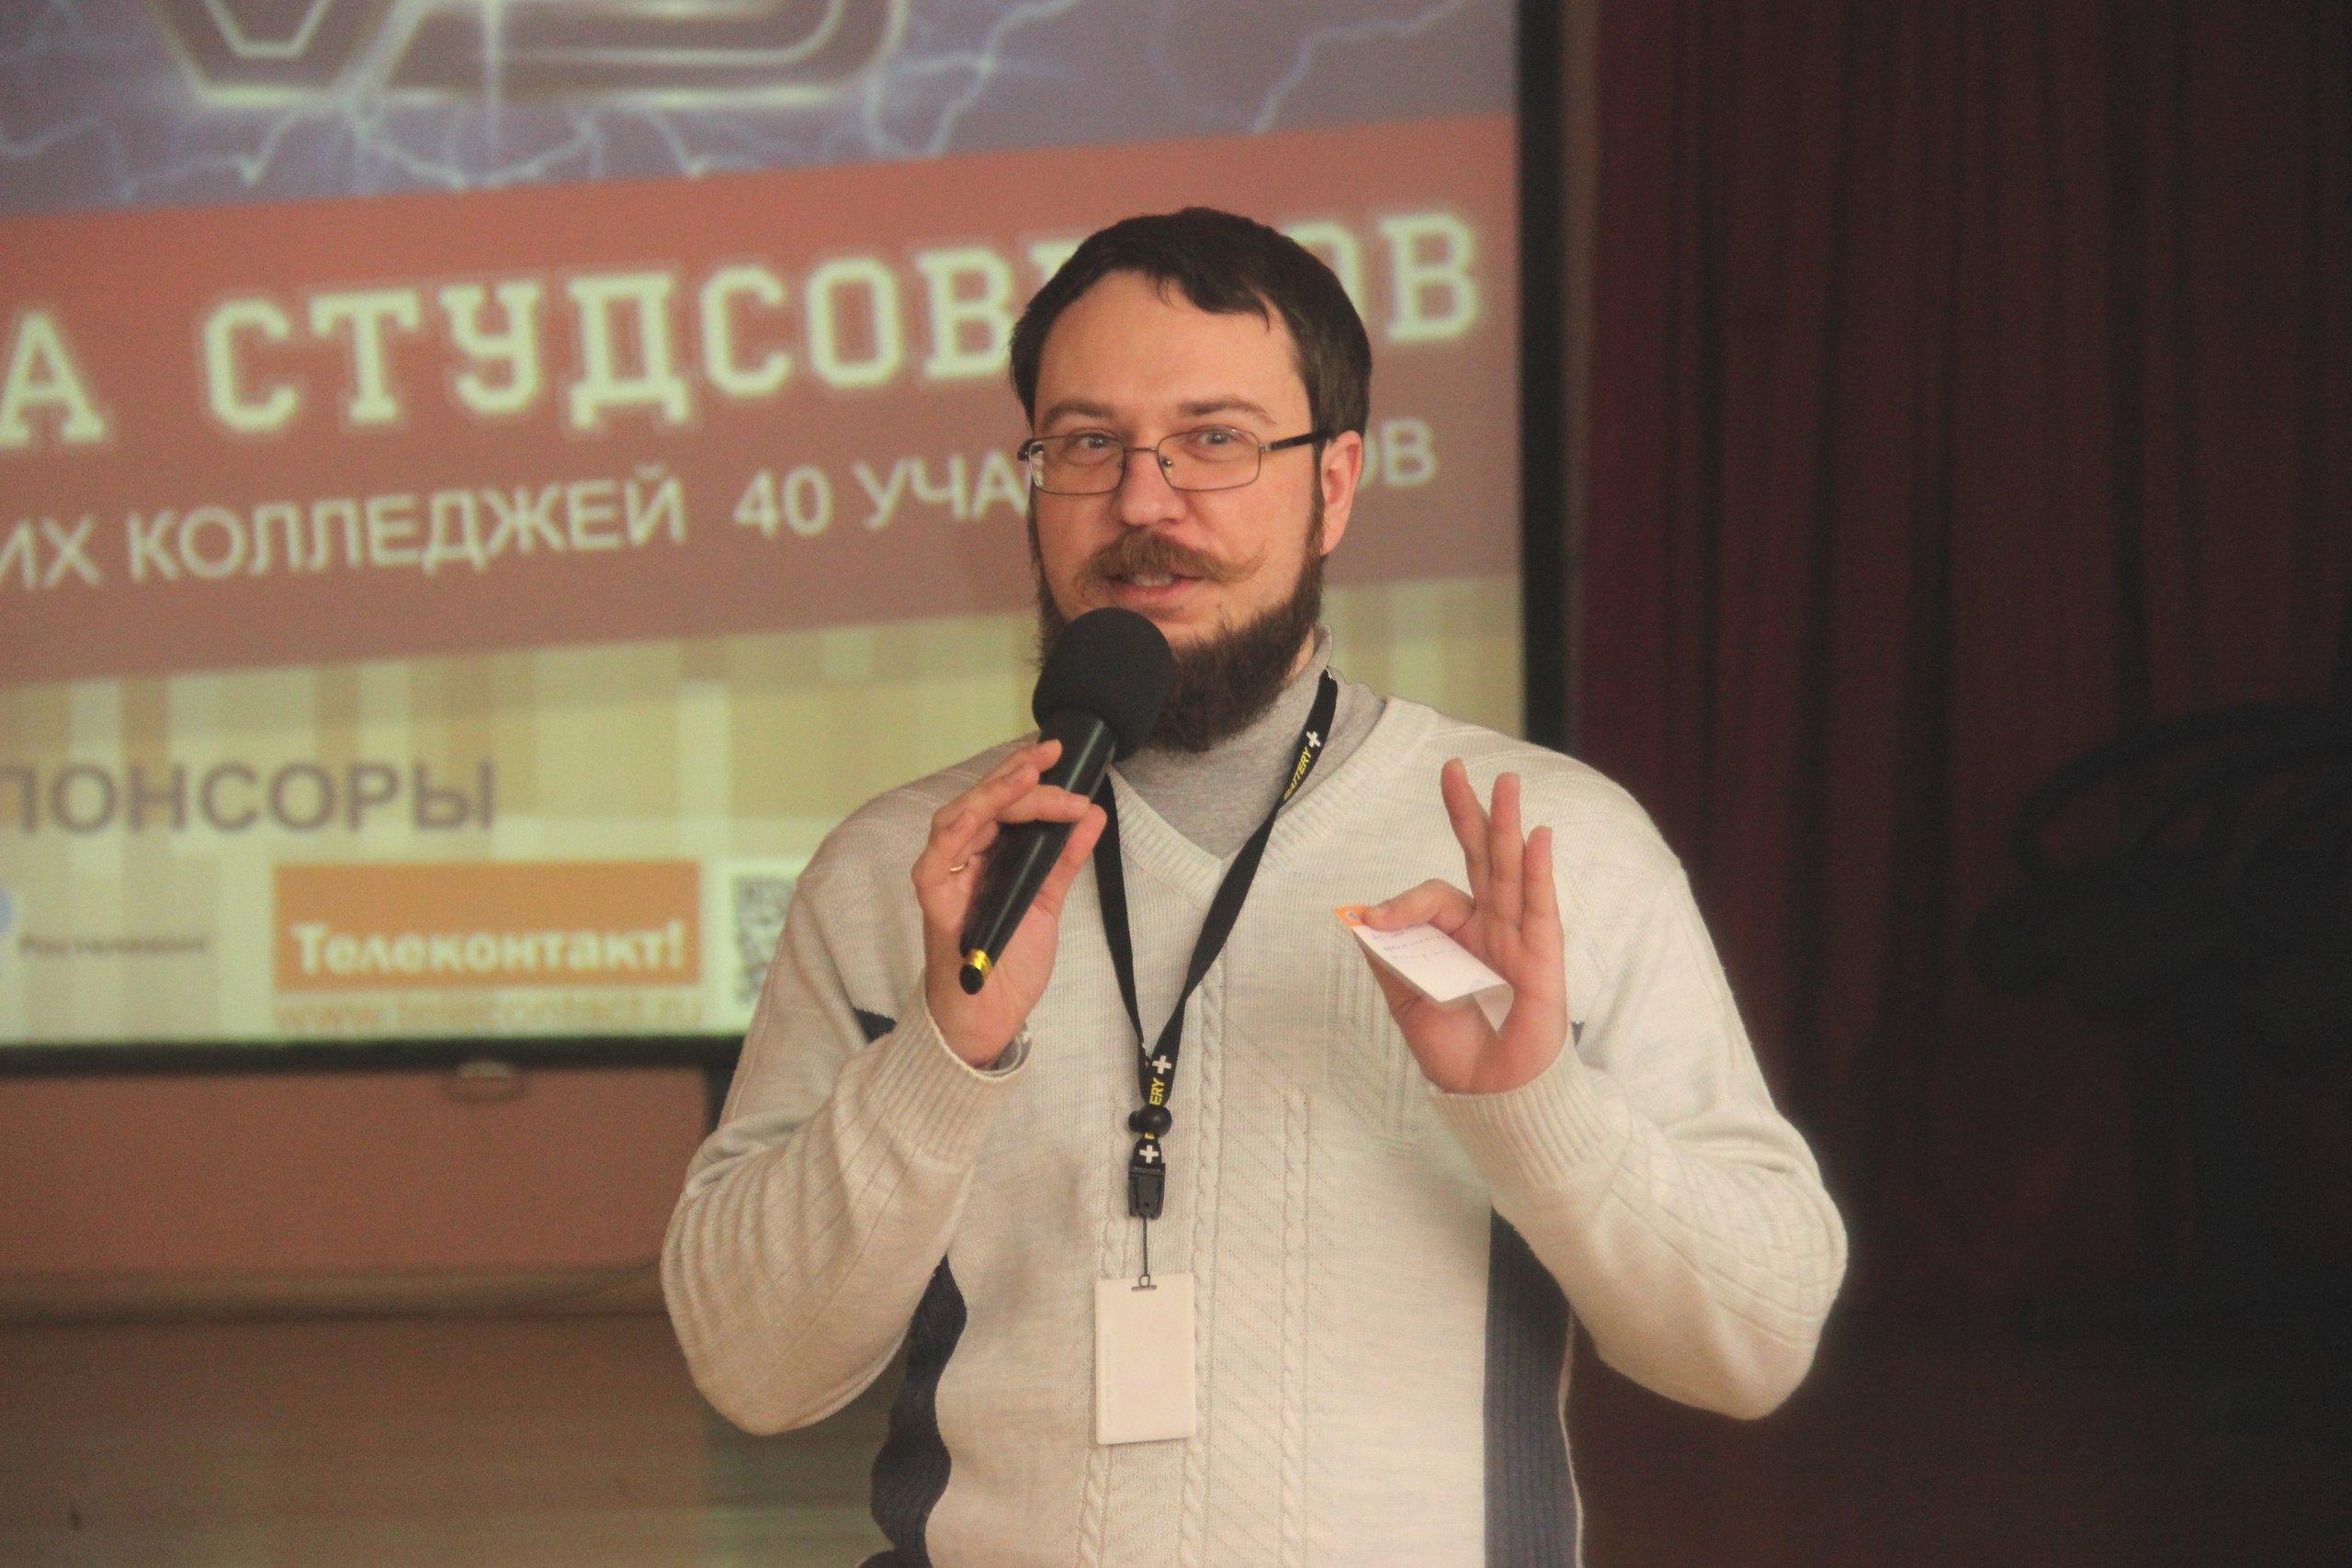 Юрий Зайцев: Главное, чтобы показатели росли не только на бумаге